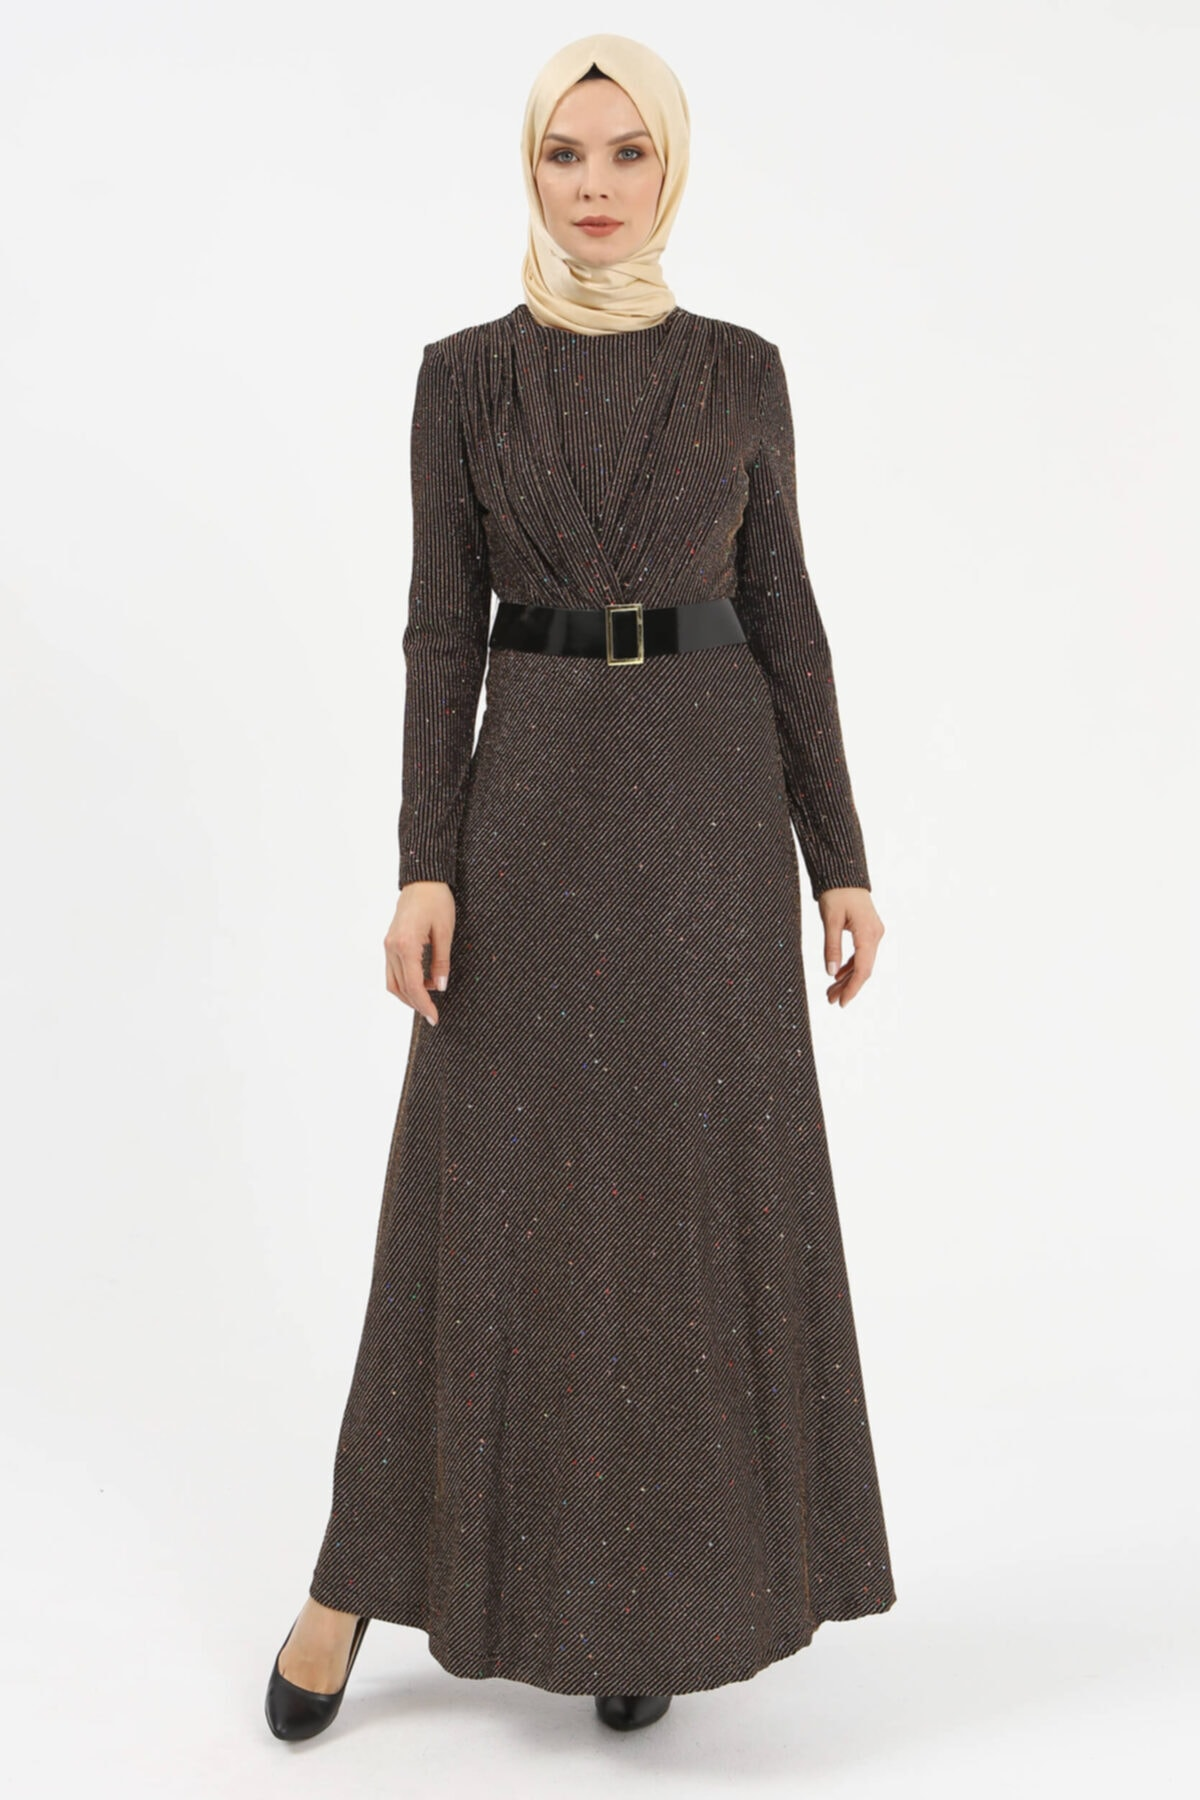 Setrms Işıltılı Kruvaze Yaka Detaylı Kemerli Elbise 1